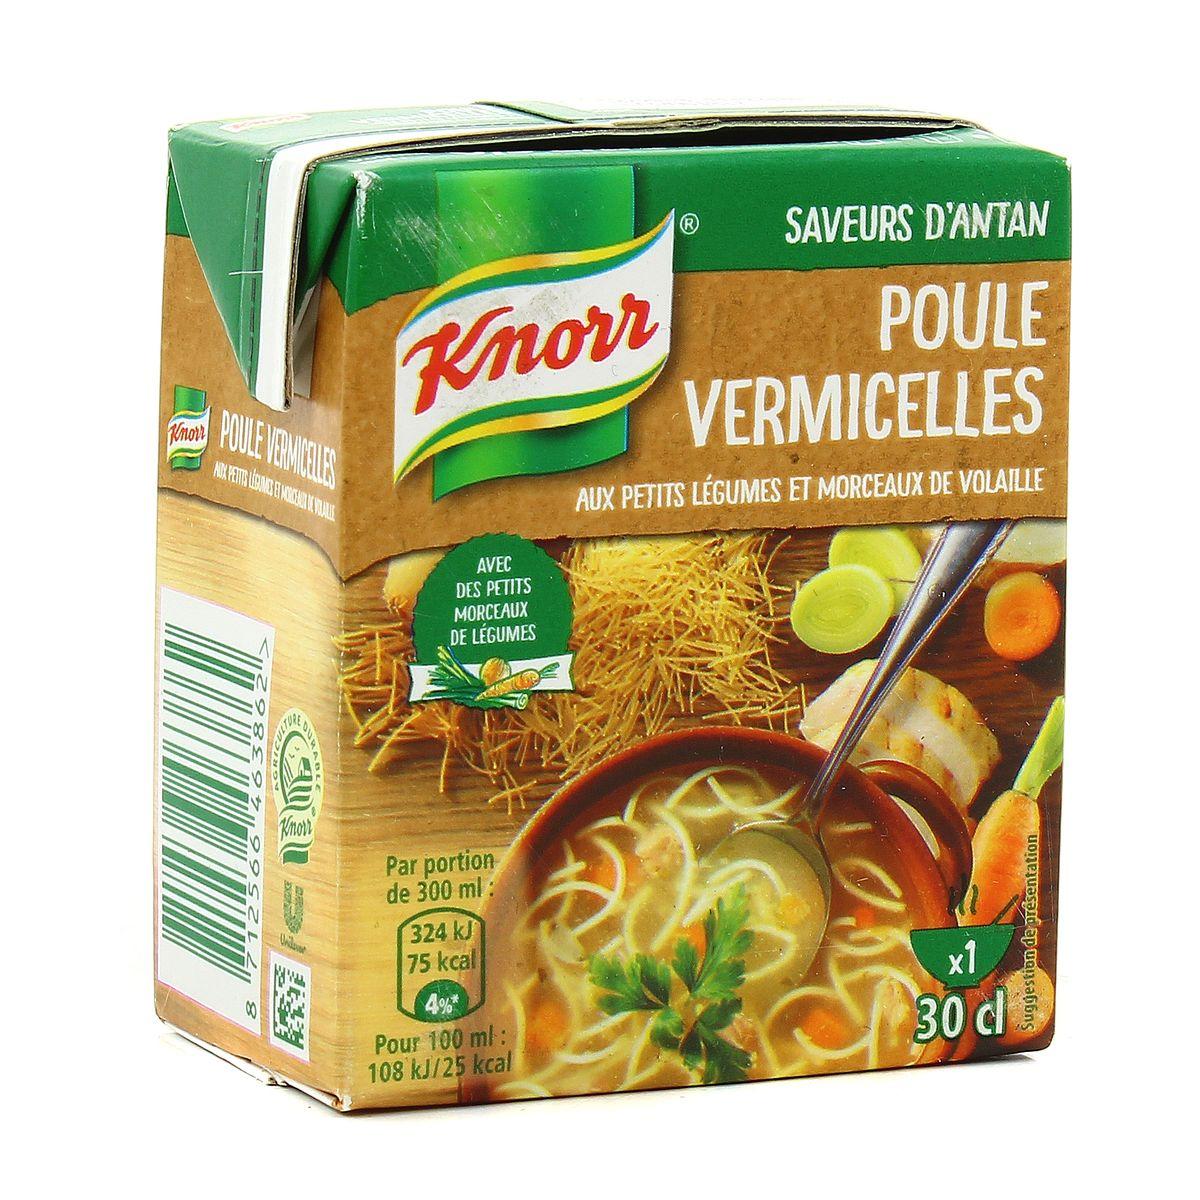 Poule vermicelle, Knorr (30 cl)